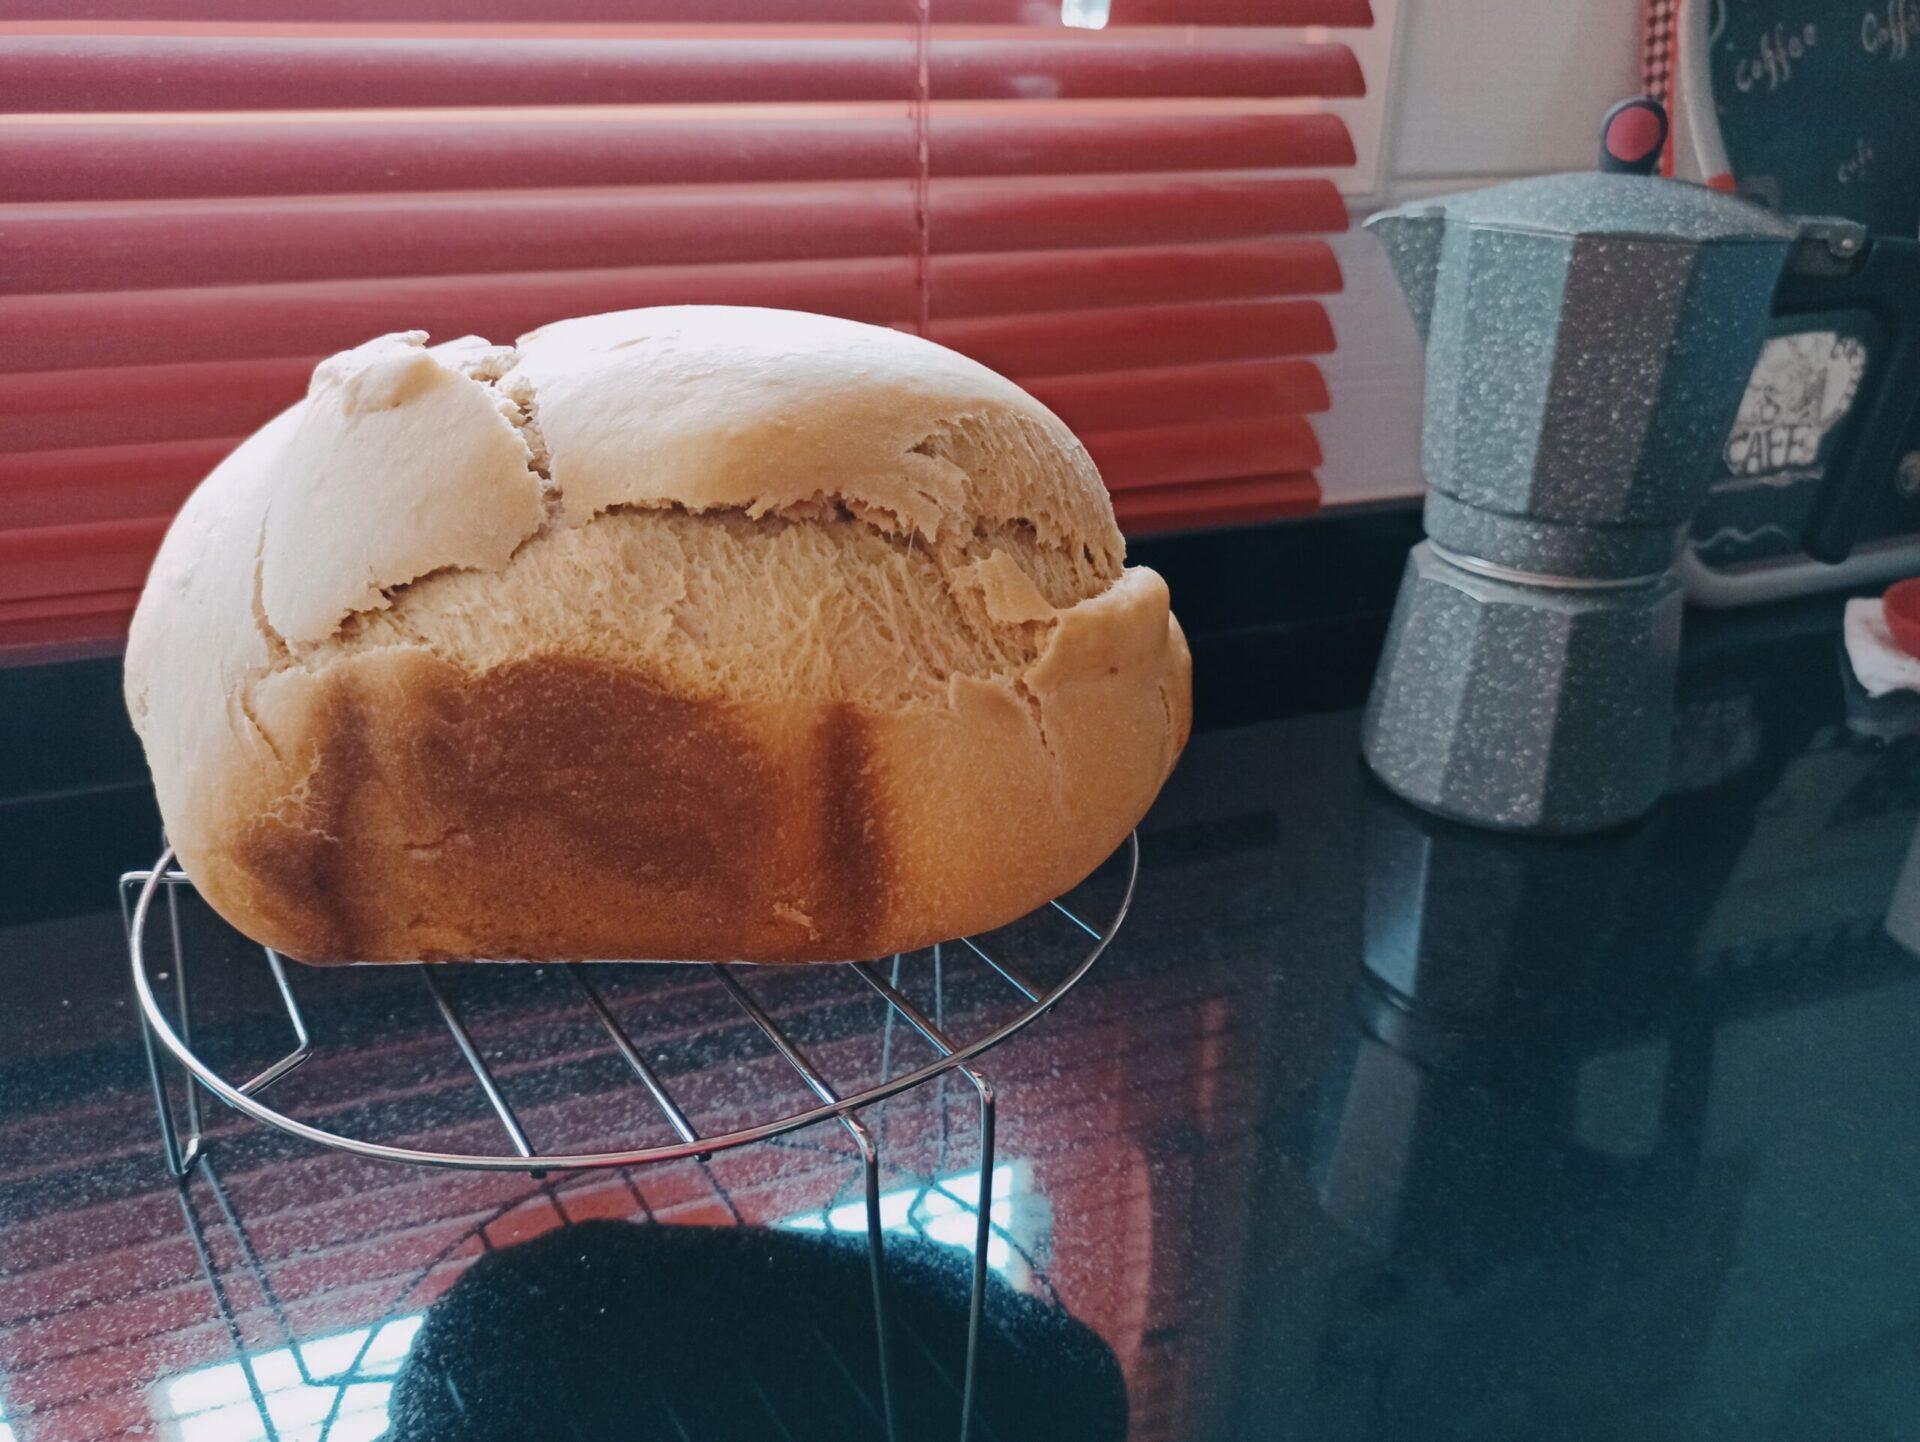 Receta de pan de molde con skyr en la panificadora Silvercrest, la panificadora del Lidl